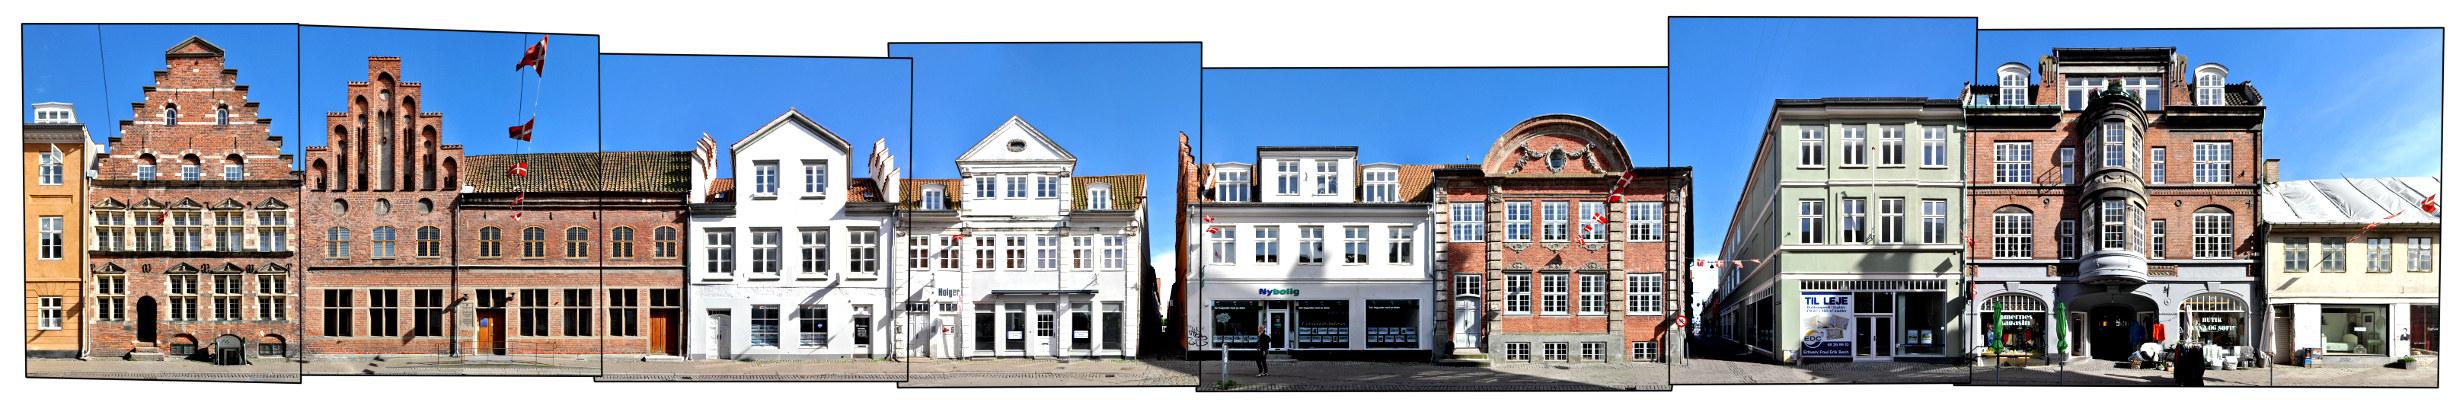 Helsingor Danmark Panorama Stengade